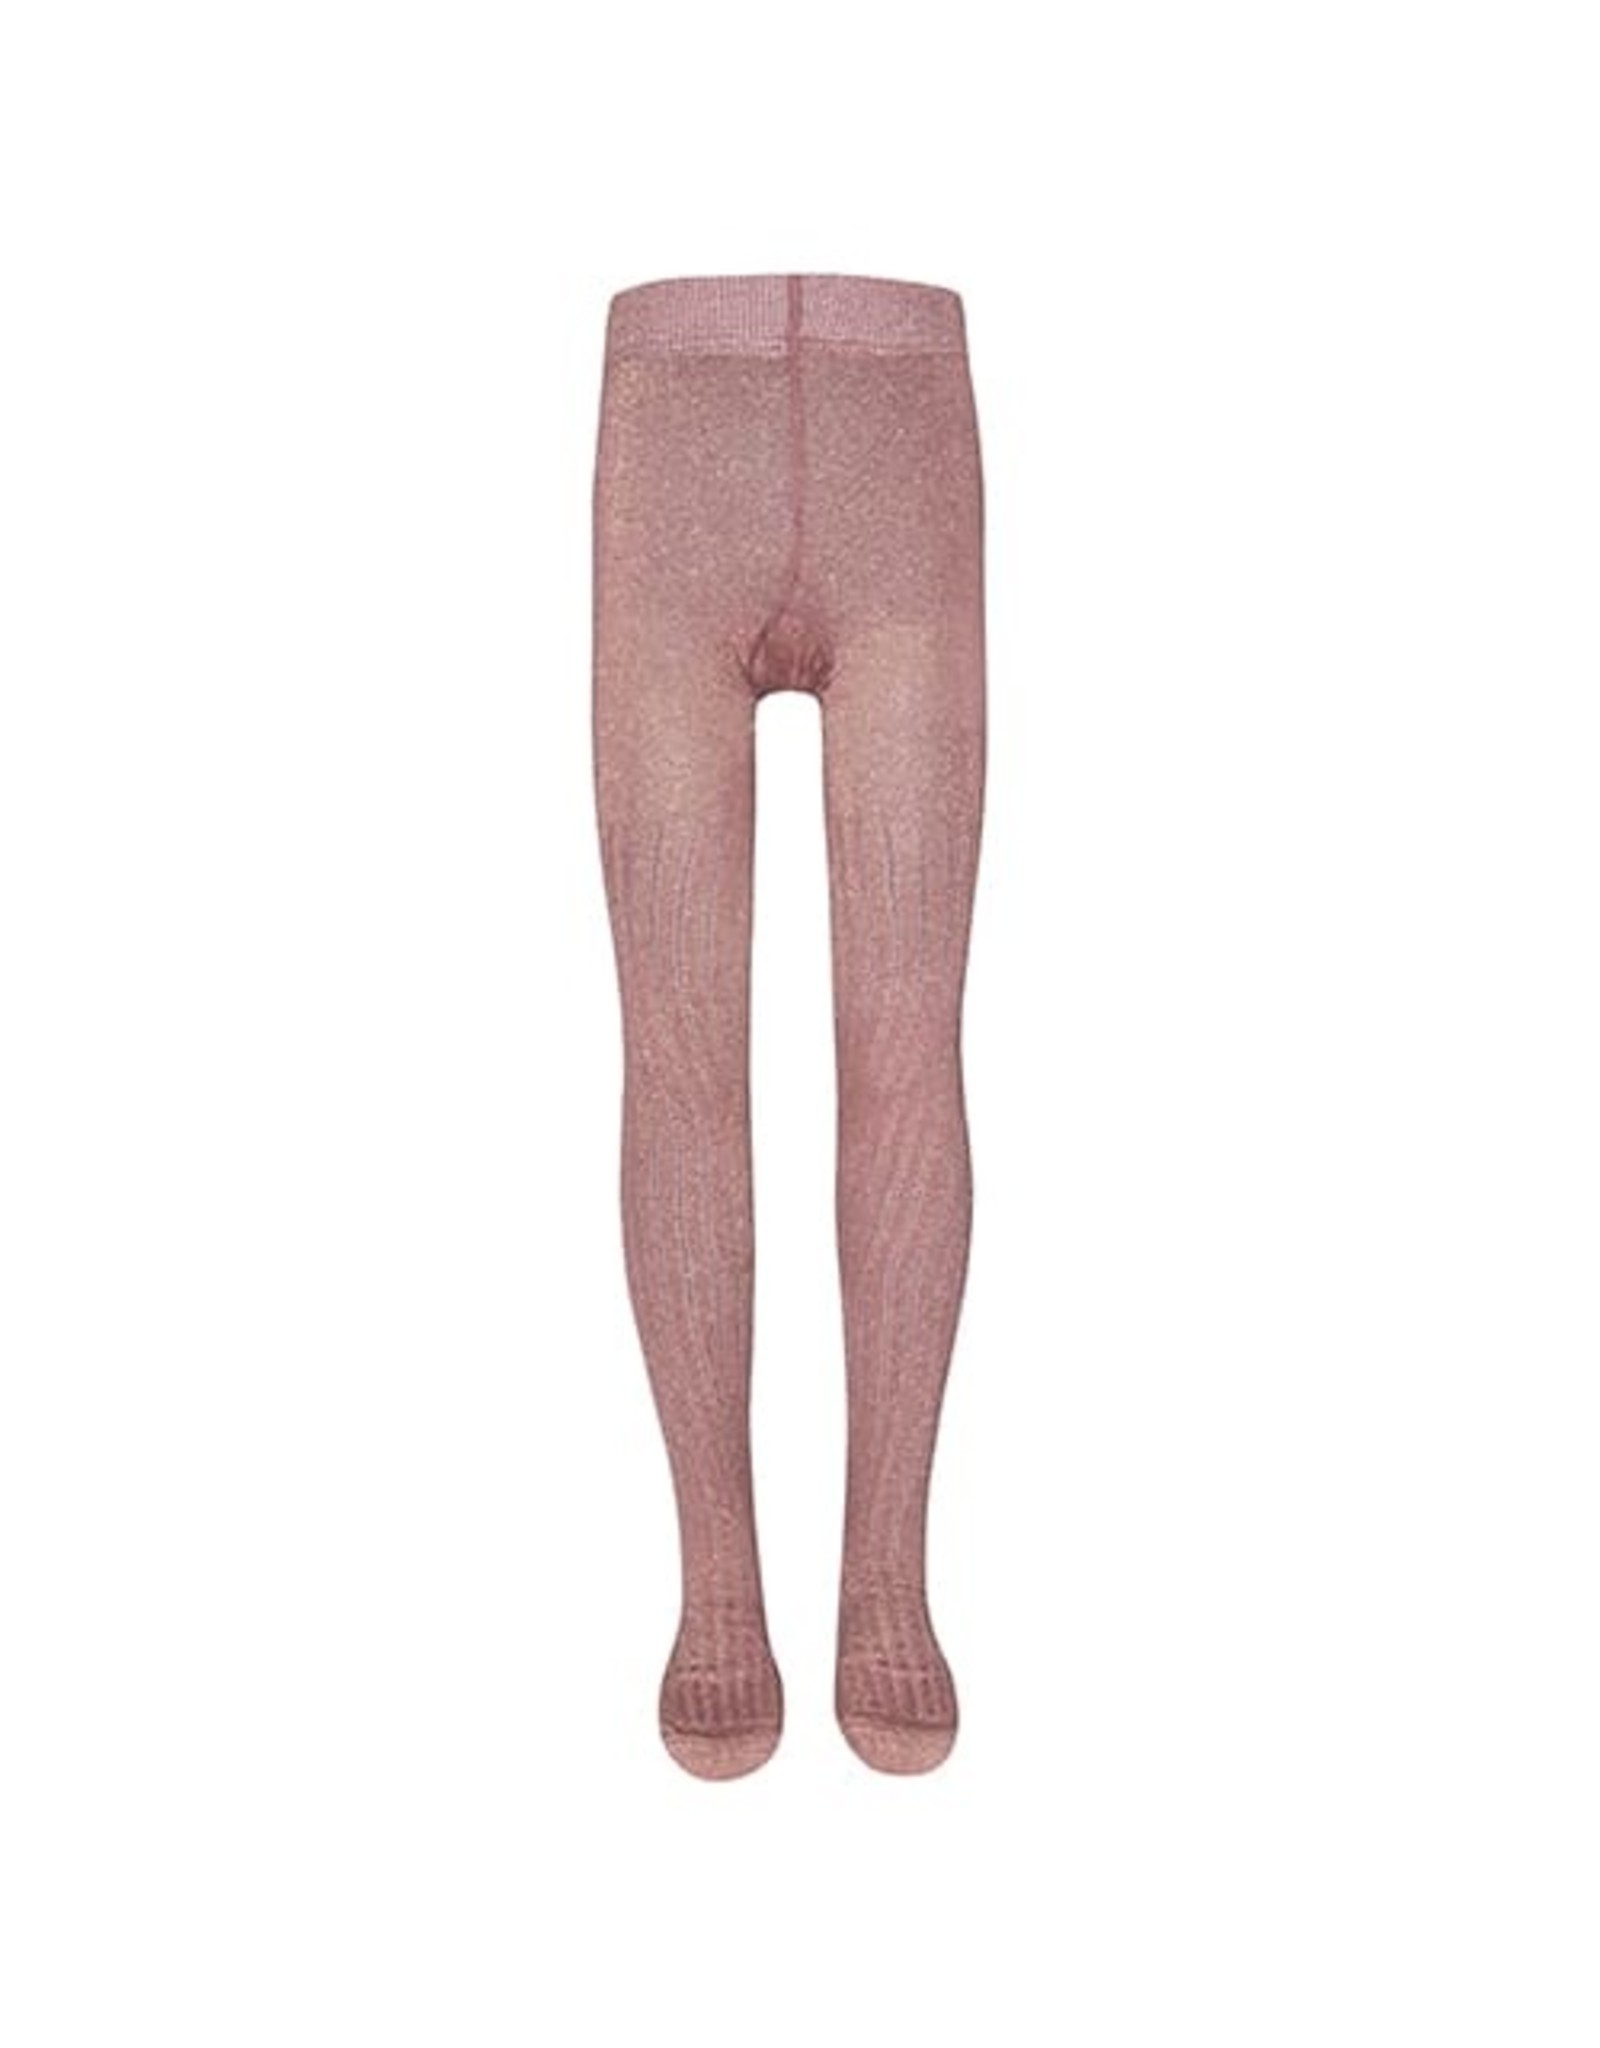 Ewers Ewers maillot roze glitter